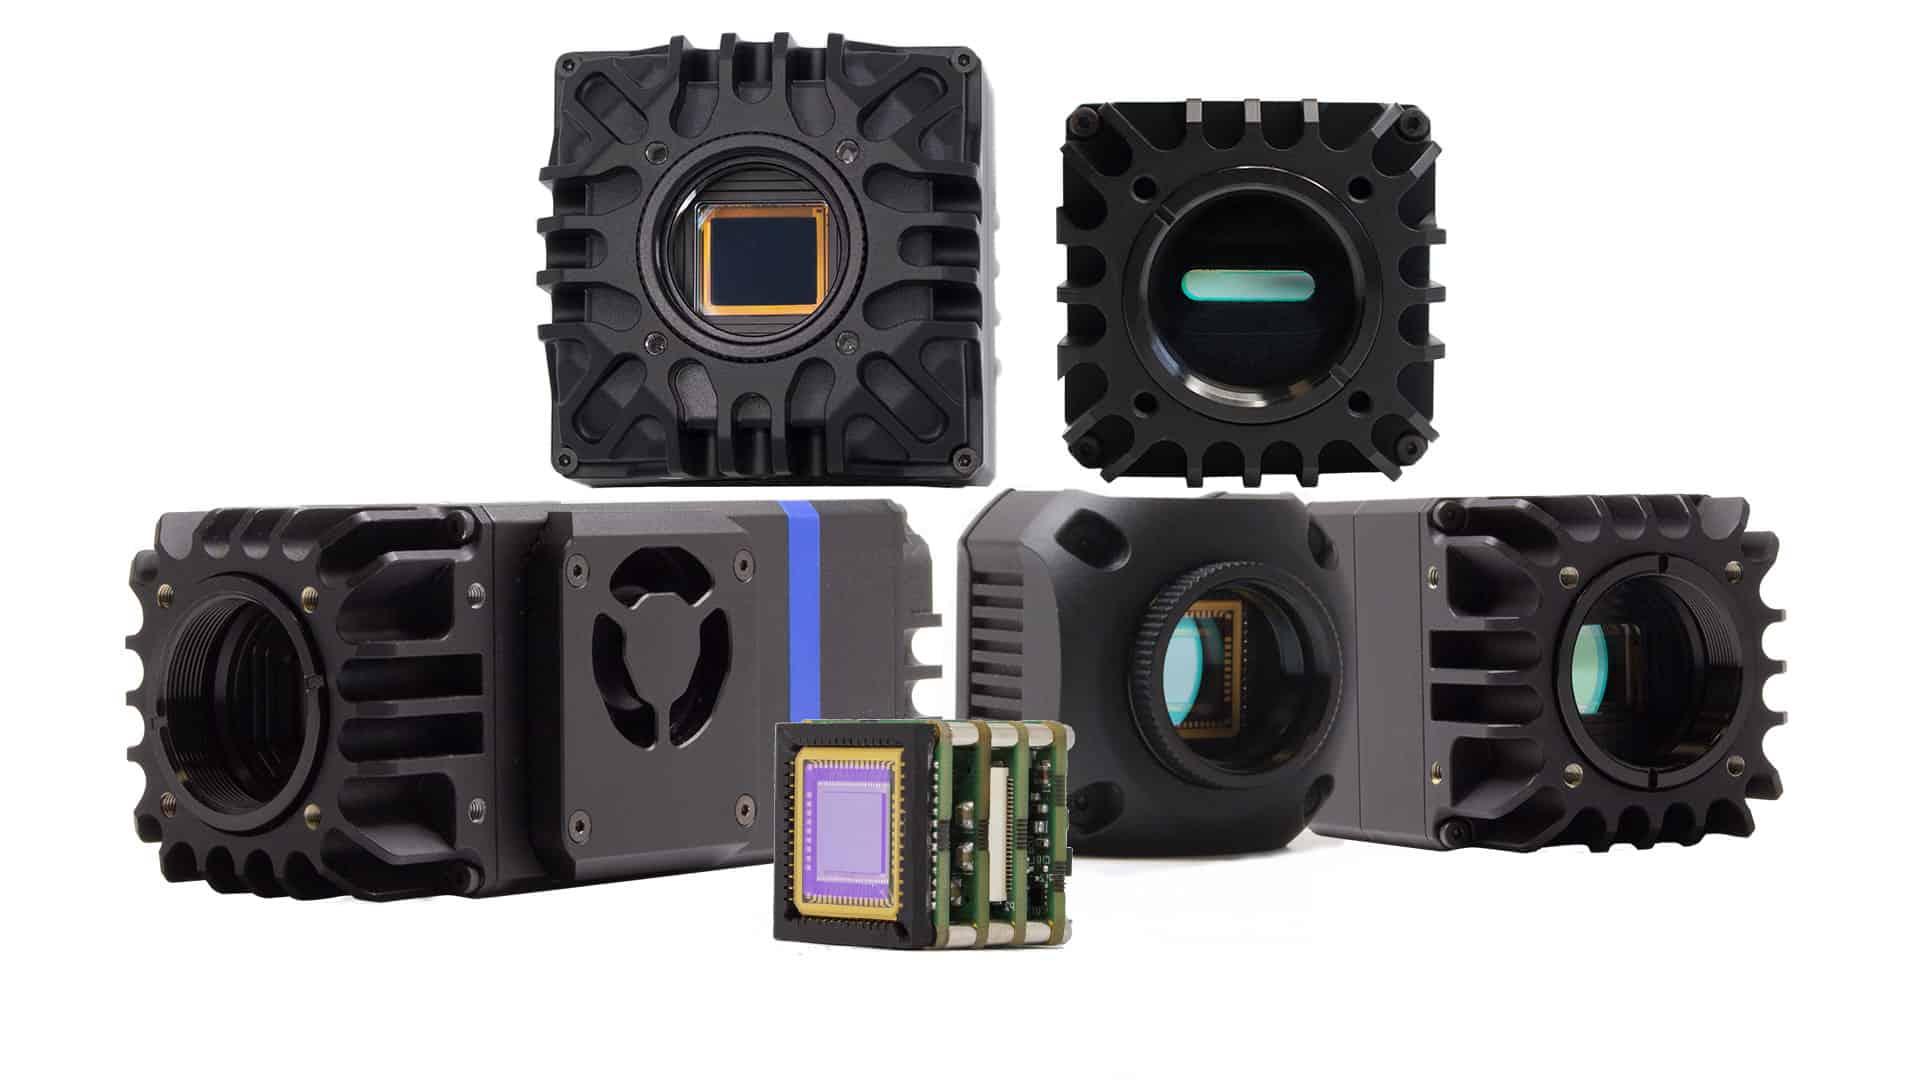 NIT SWIR cameras